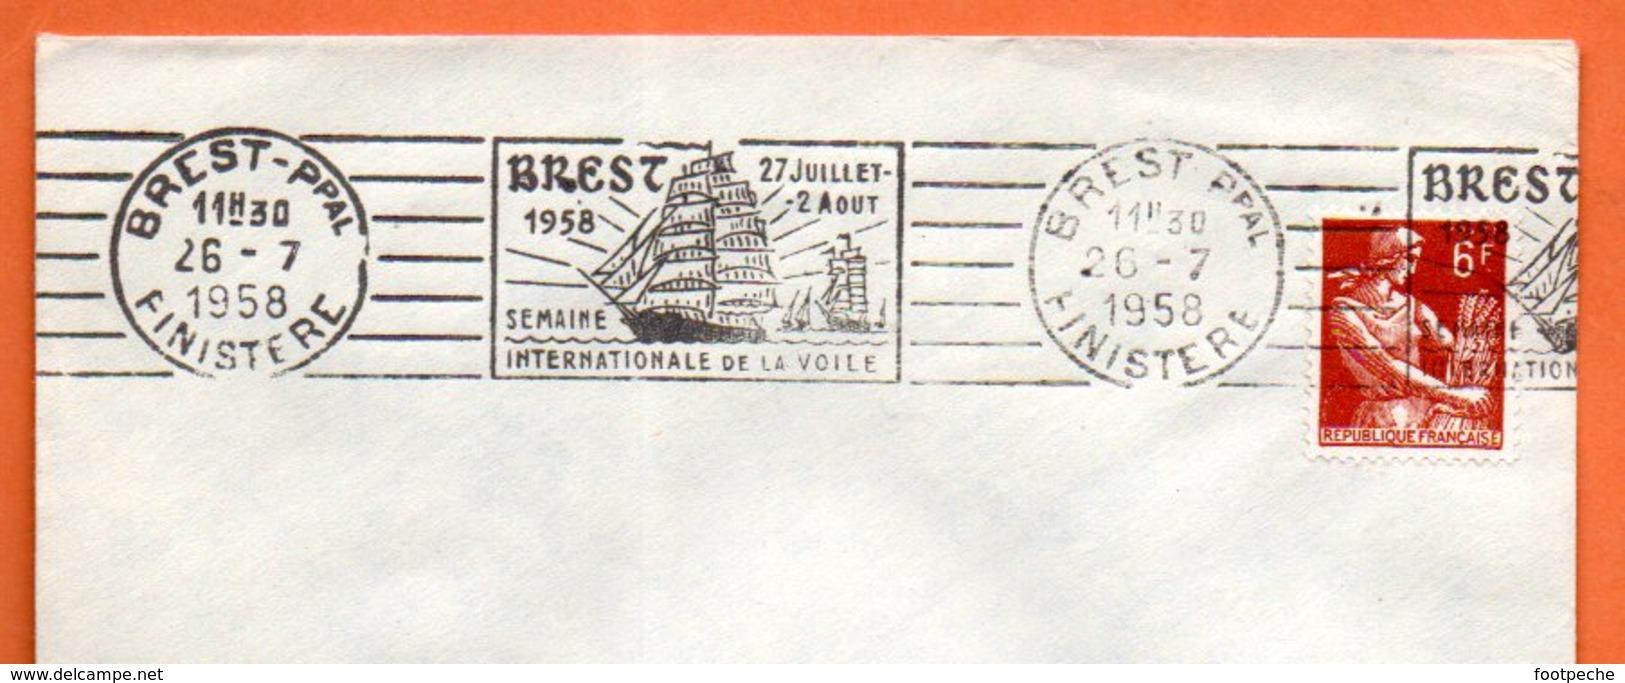 BREST    SEMAINE DE LA VOILE    1958 Lettre Entière N° BC 845 - Marcophilie (Lettres)